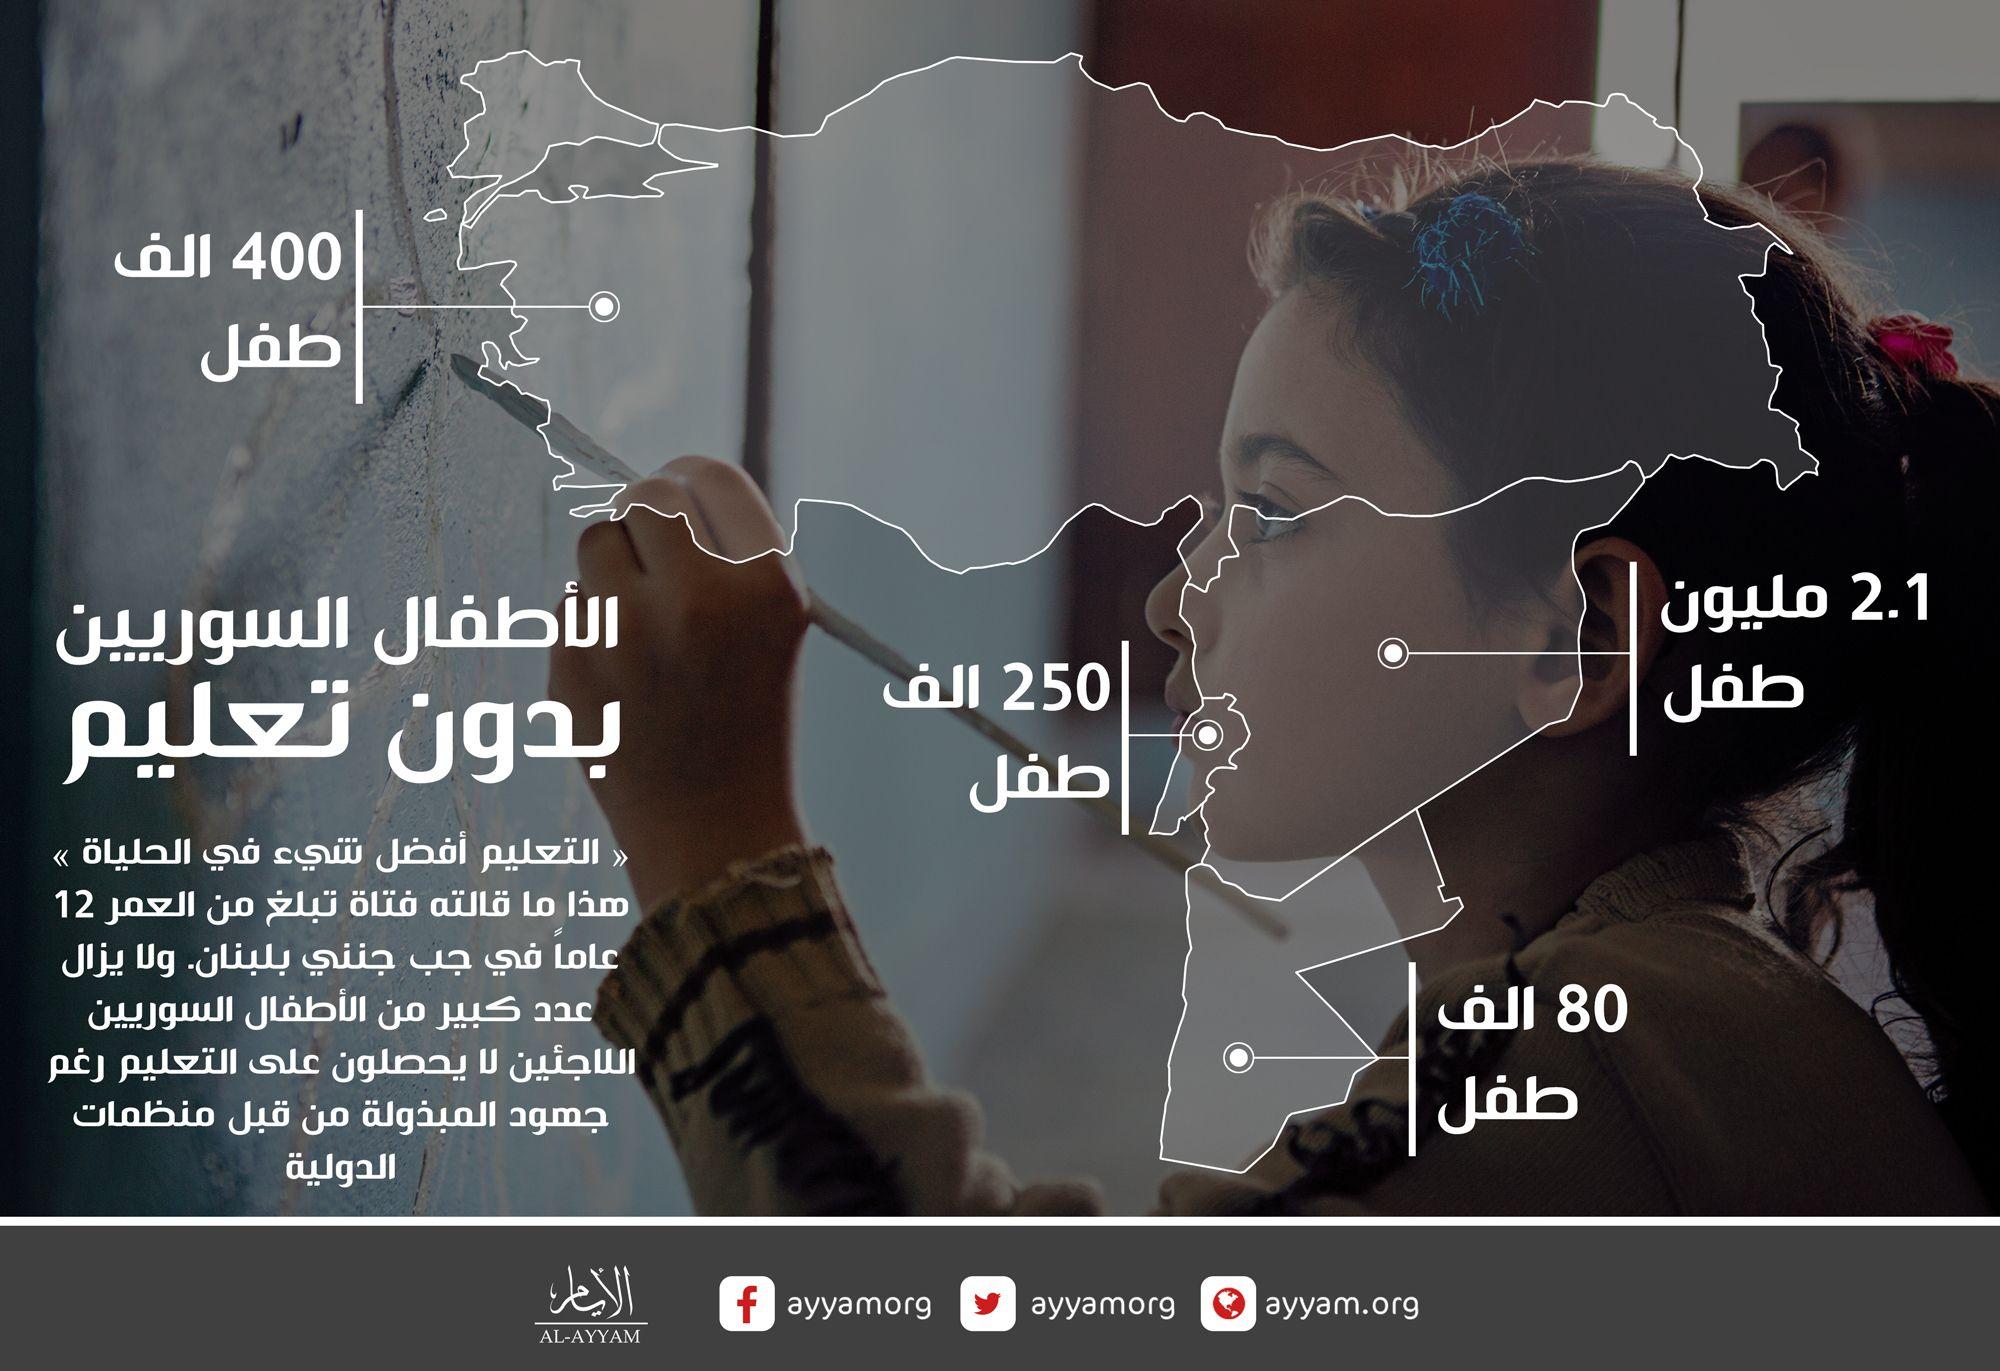 أطفال سوريا بدون تعليم أعداد كبيرة من الأطفال السوريين محرومون من التعليم داخل سورية وفي دول